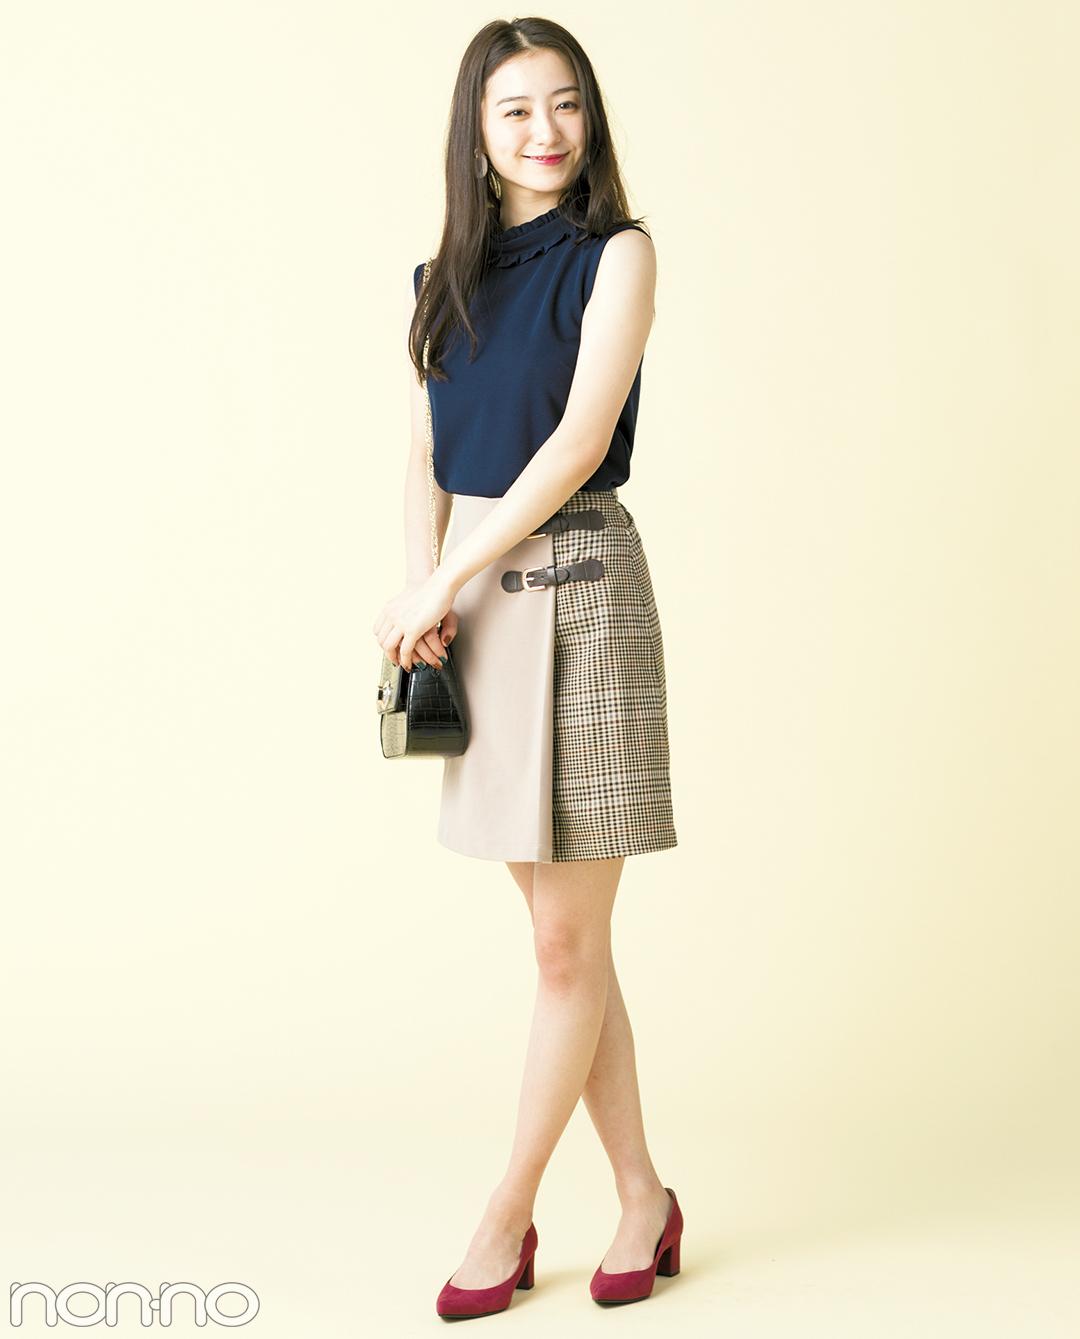 秋の最新★グレンチェックのひざ上スカート、大人っぽコーデ3選!_1_1-1